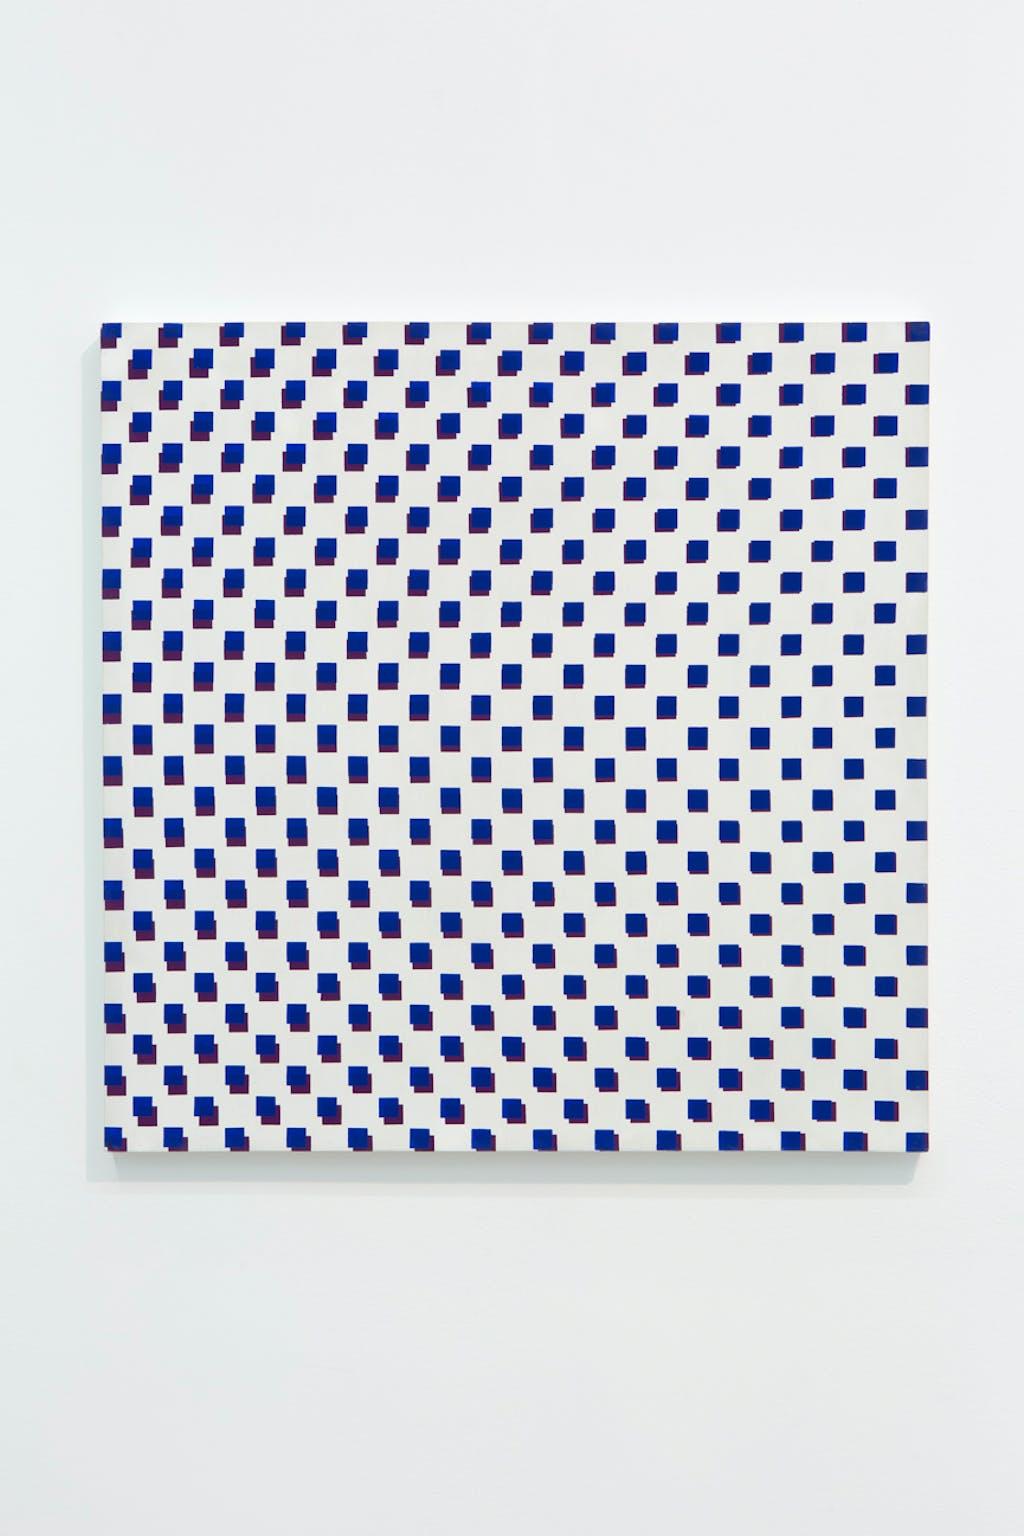 2 trames de carrés réguliers 1 carré sur 2 violet et bleu foncé - © kamel mennour